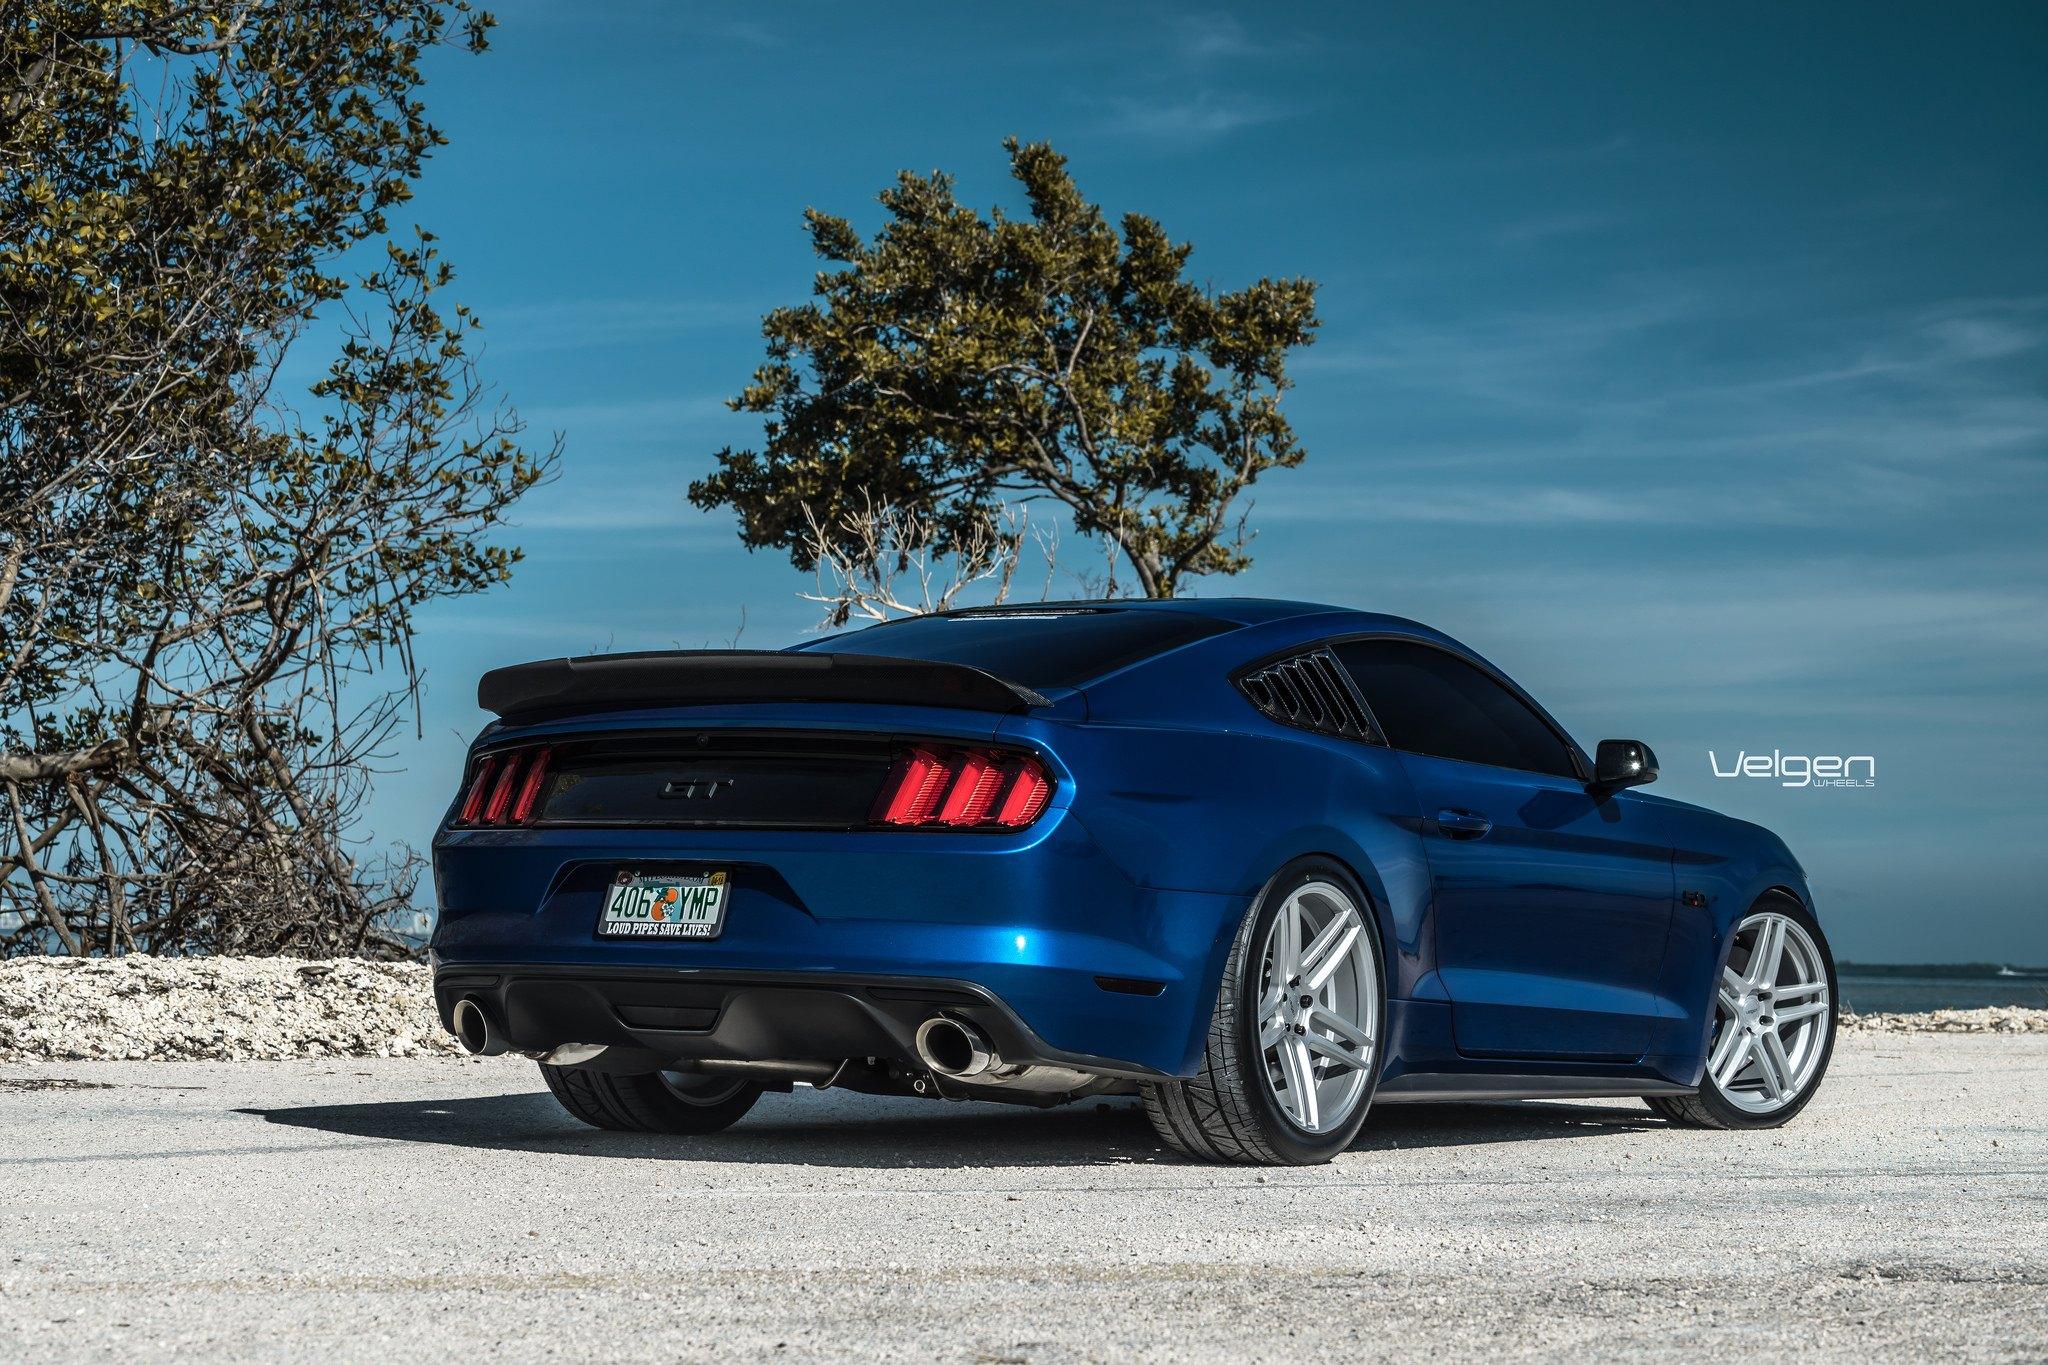 Carbon Fiber Rear Lip Spoiler On Blue Ford Mustang Photo By Velgen